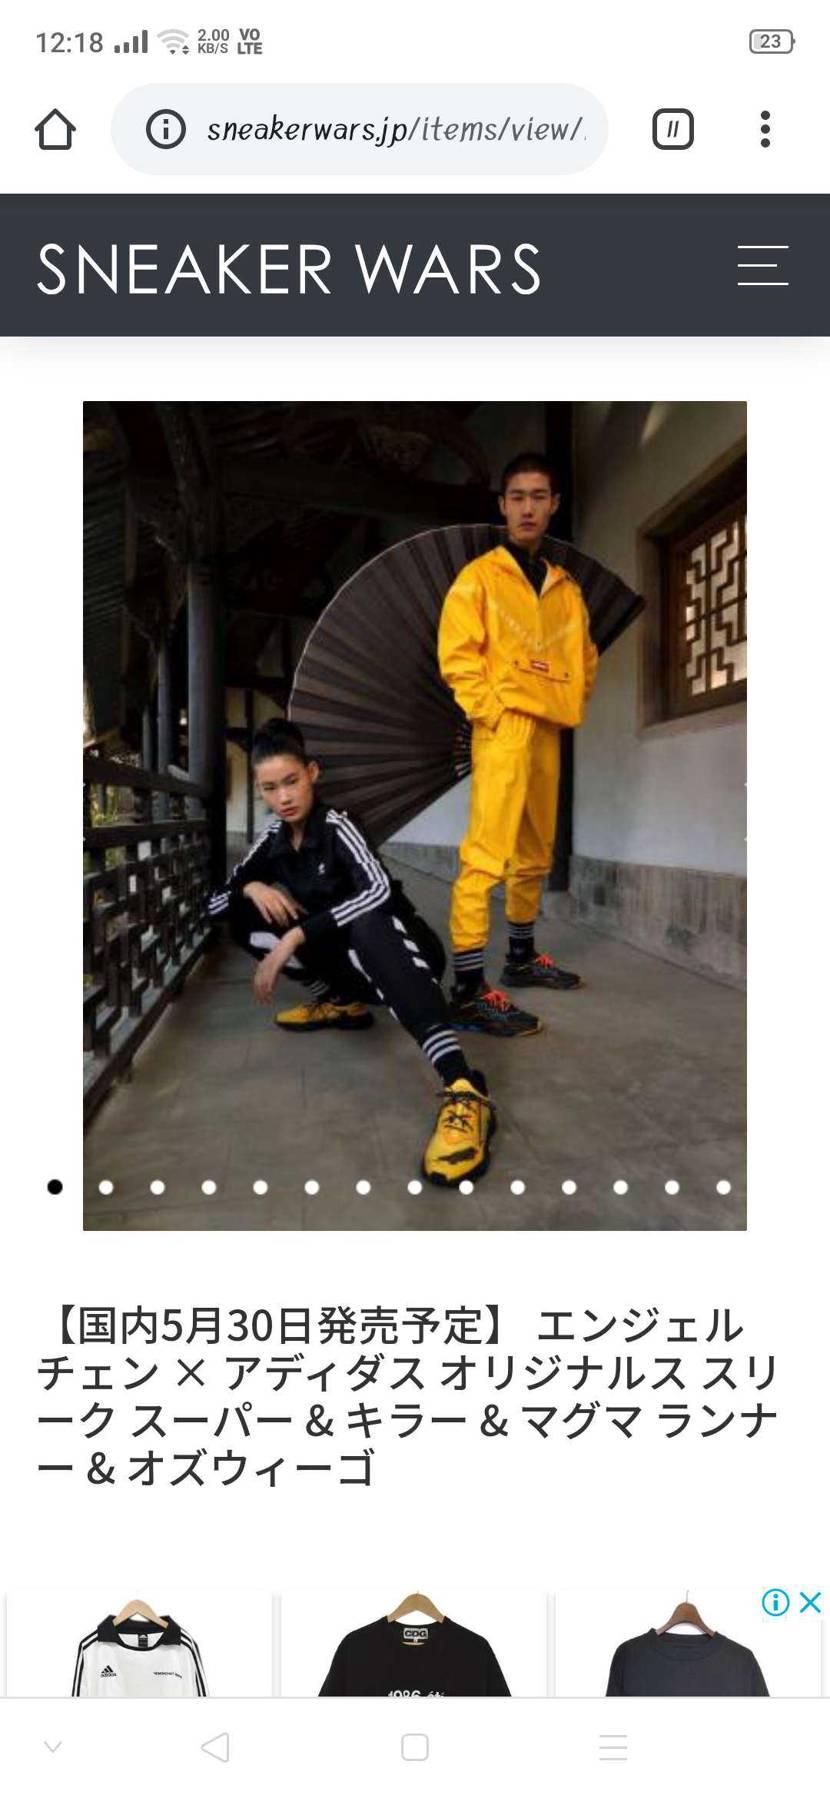 Angel Chenコラボは激アツ😍 最近中国ブランドにハマりつつあるから買おっ